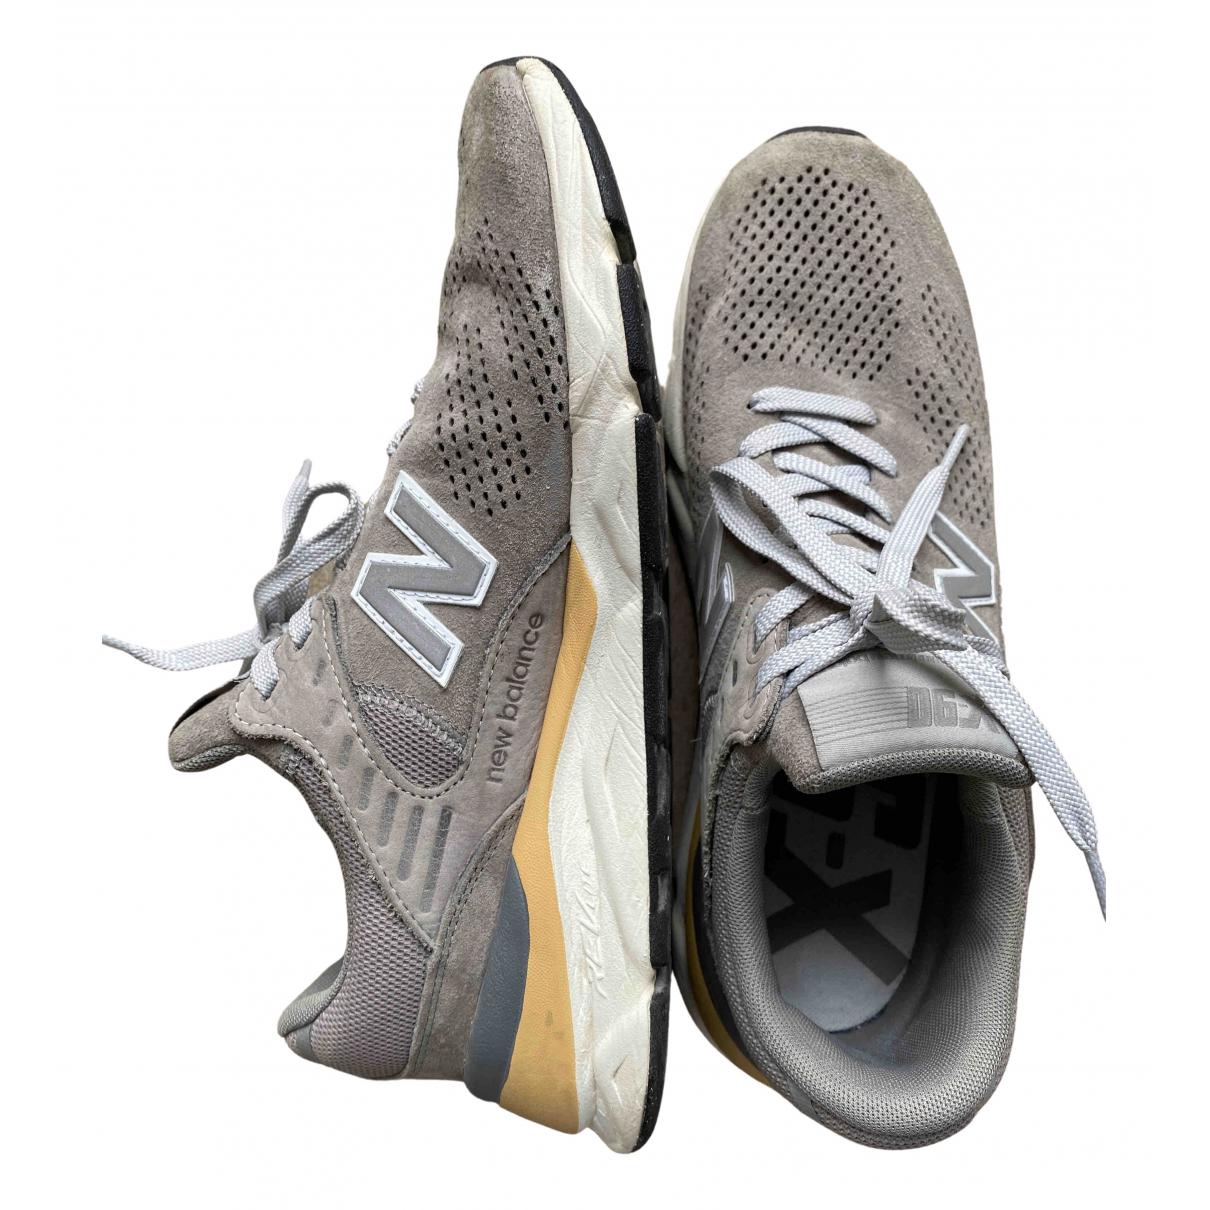 New Balance - Baskets   pour homme en autre - gris